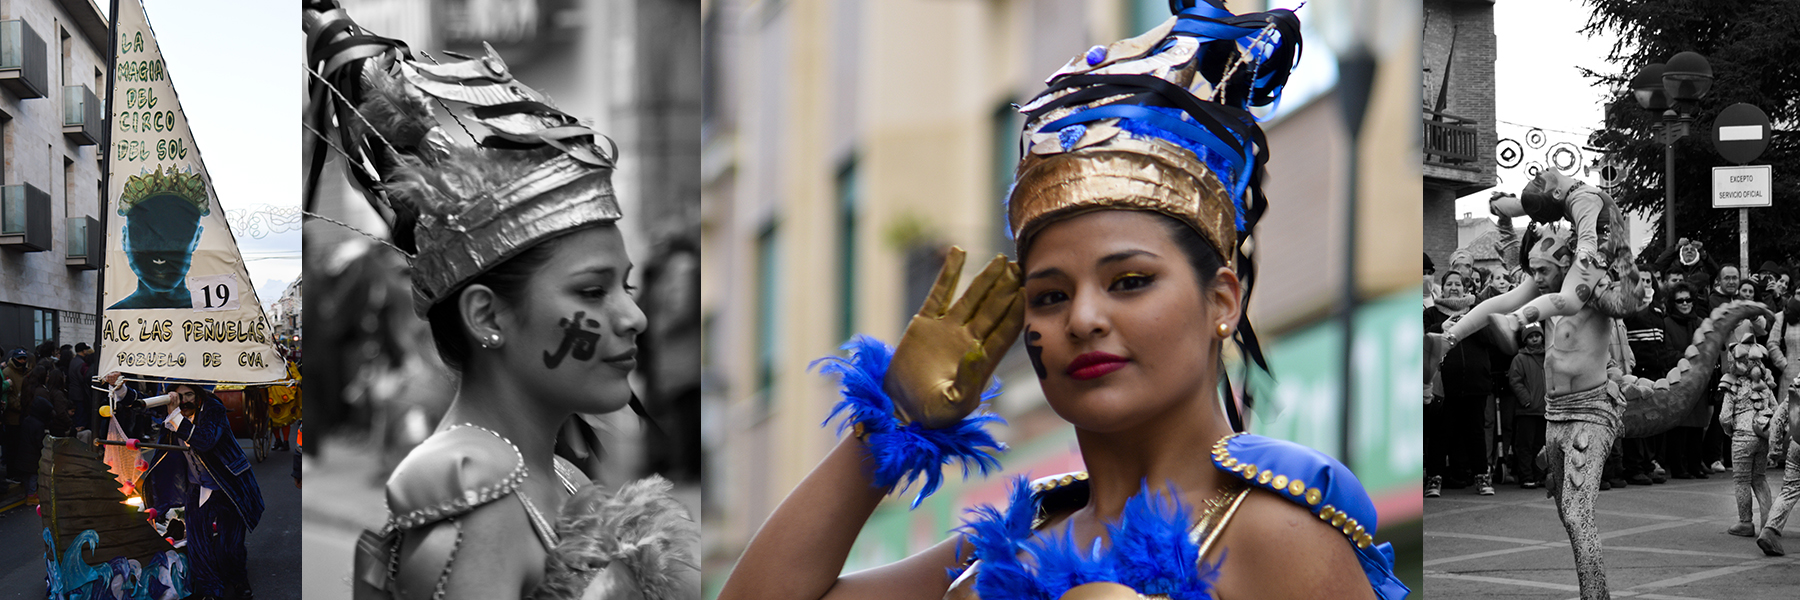 carnaval-miguelturra-domingo-pinata-2016